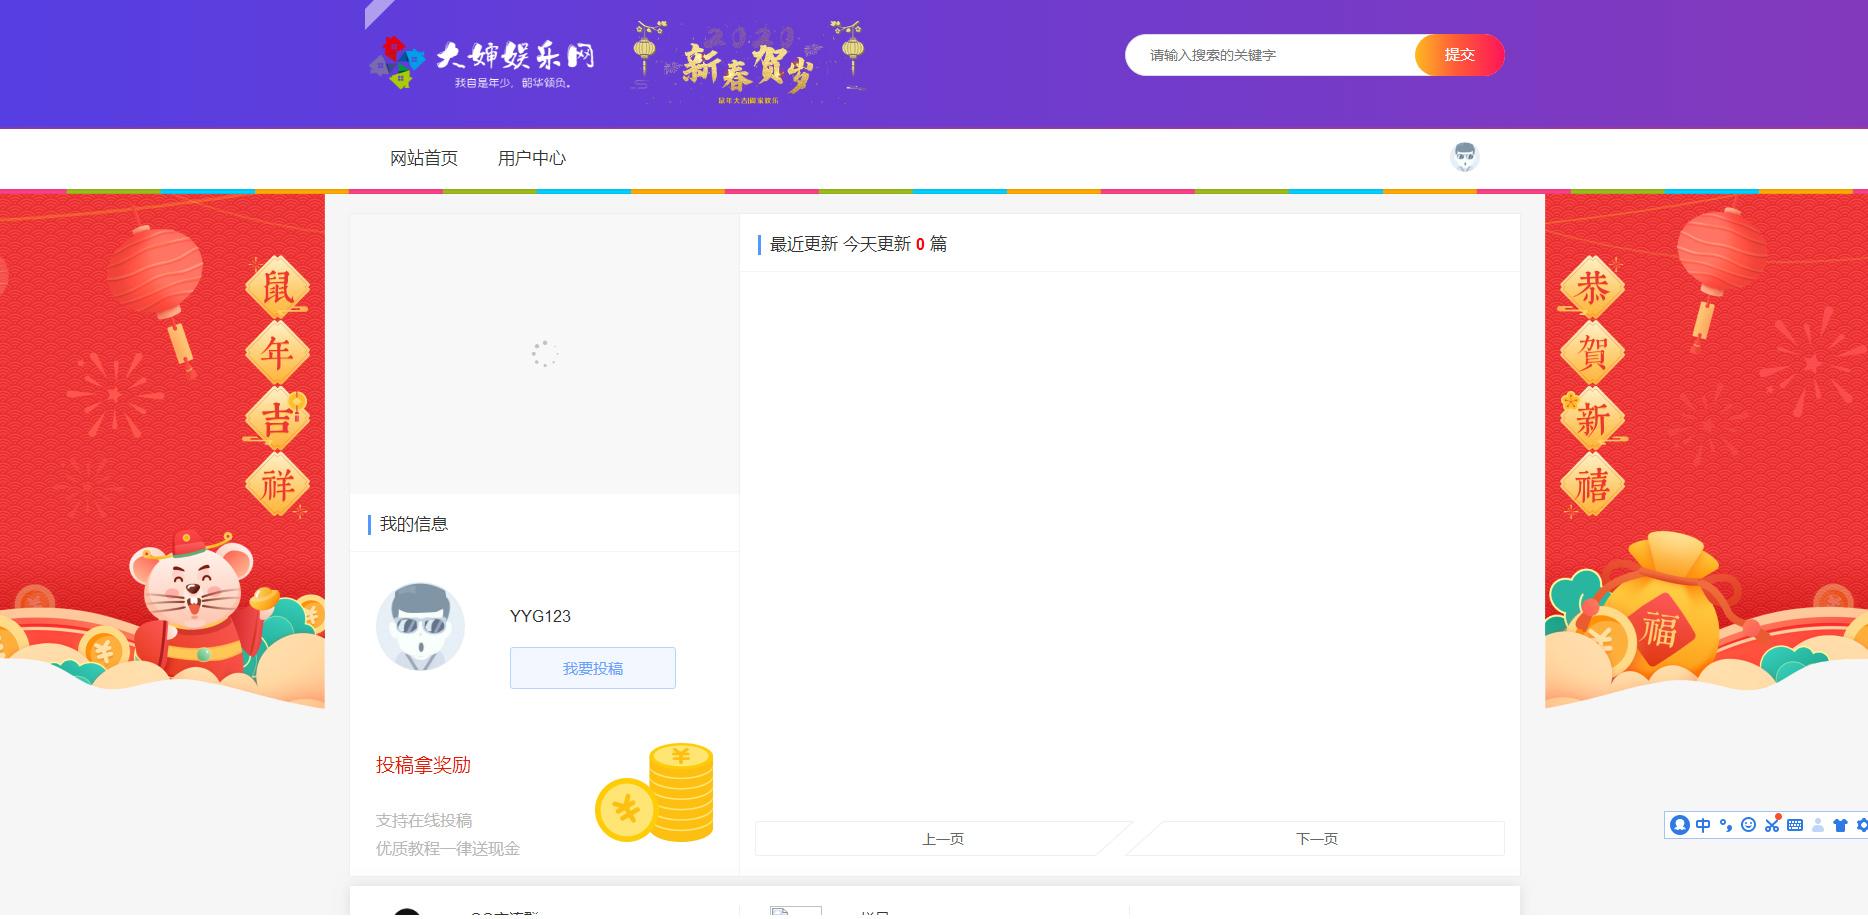 【大婶娱乐网模板】2020首发非常漂亮的娱乐资源网整站打包源码-找主题源码